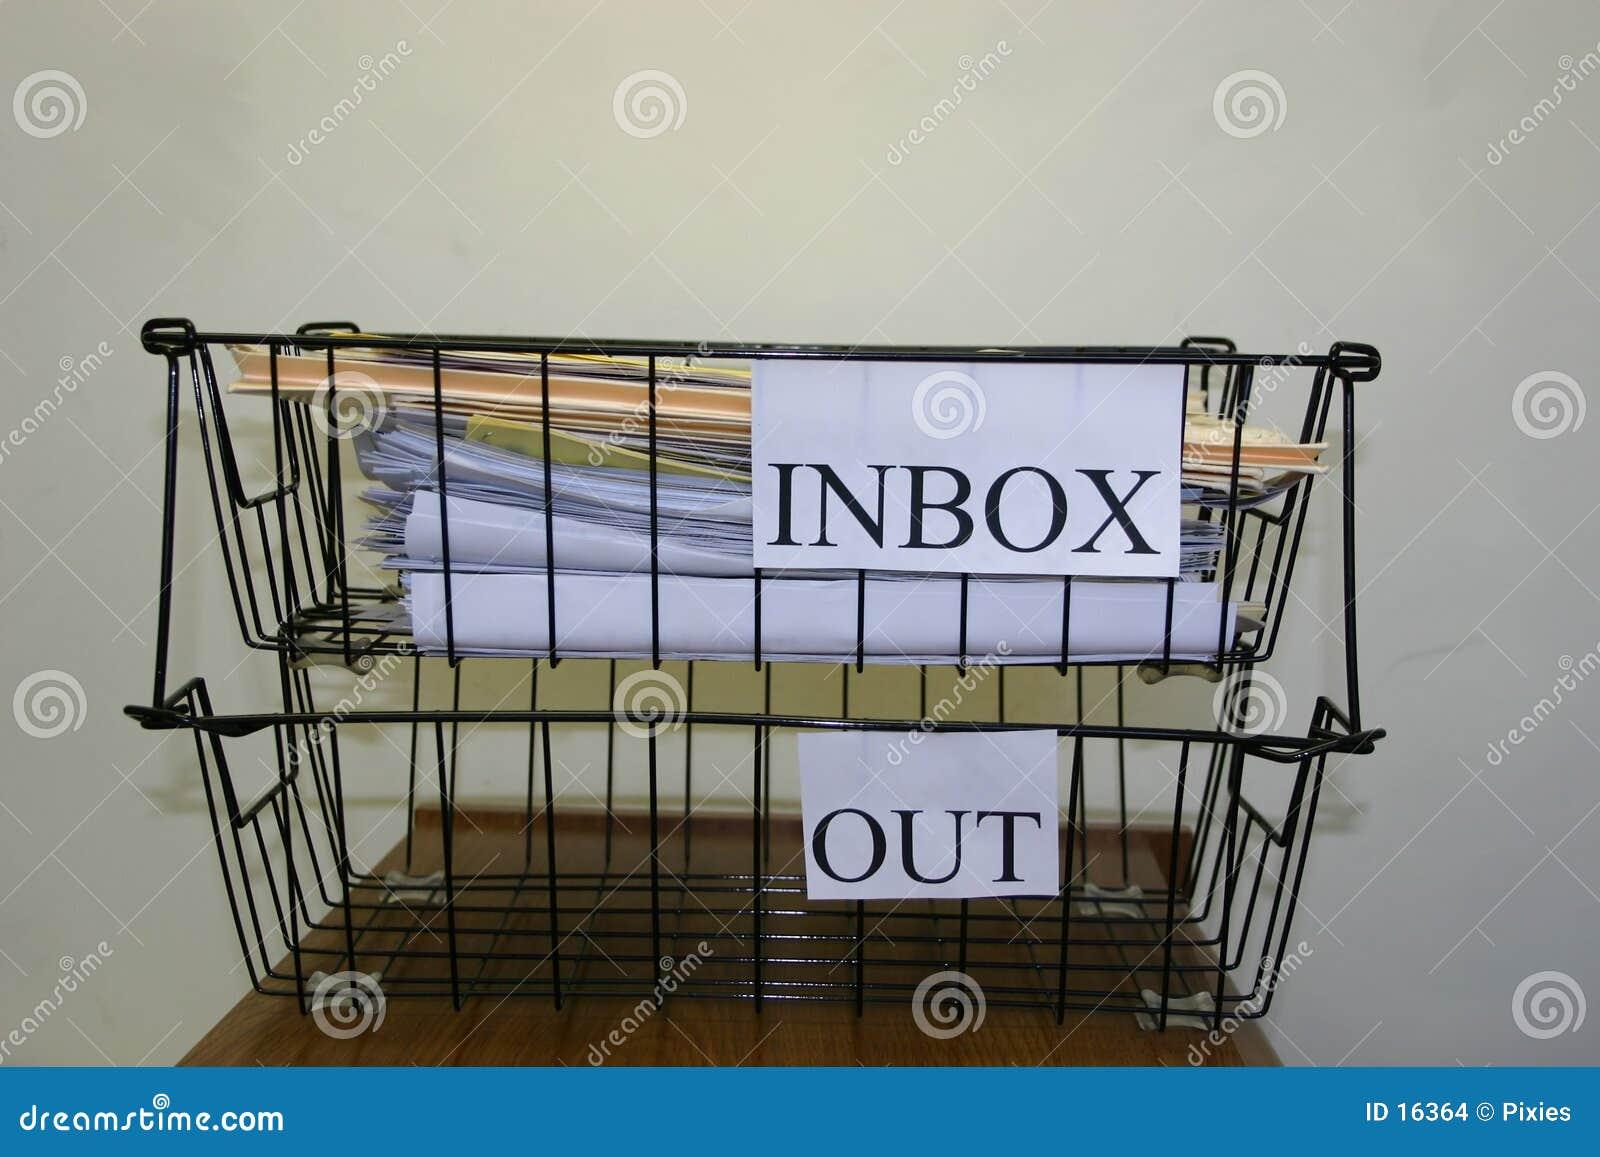 Inboxoutbox